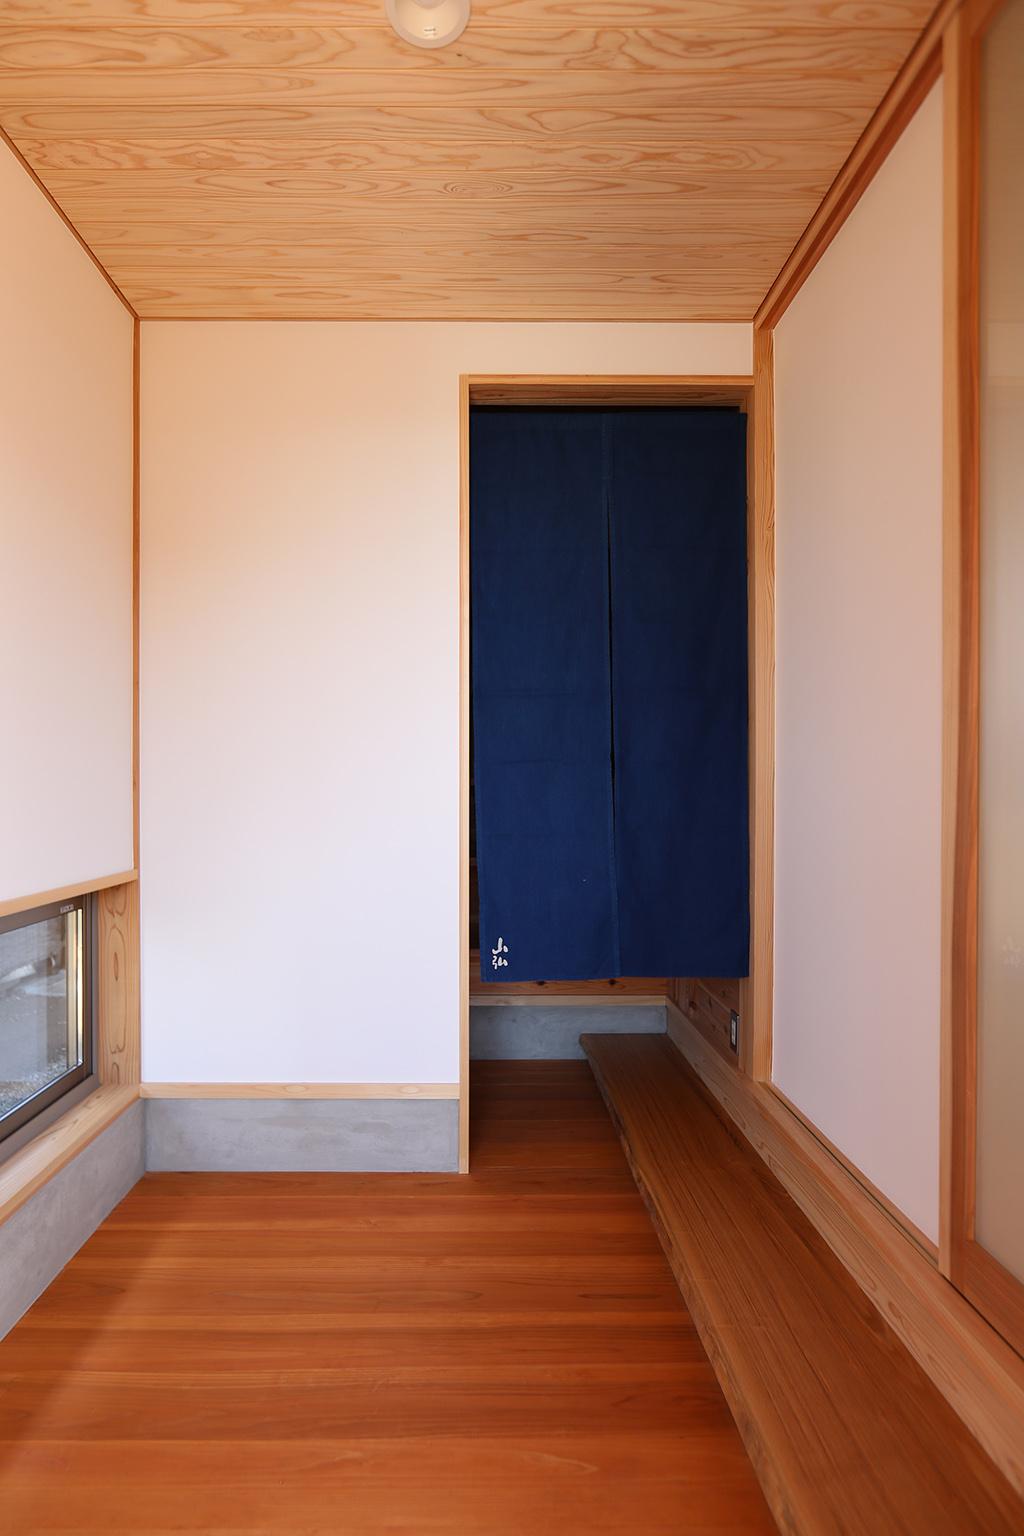 姫路市の木の家 板張りの玄関